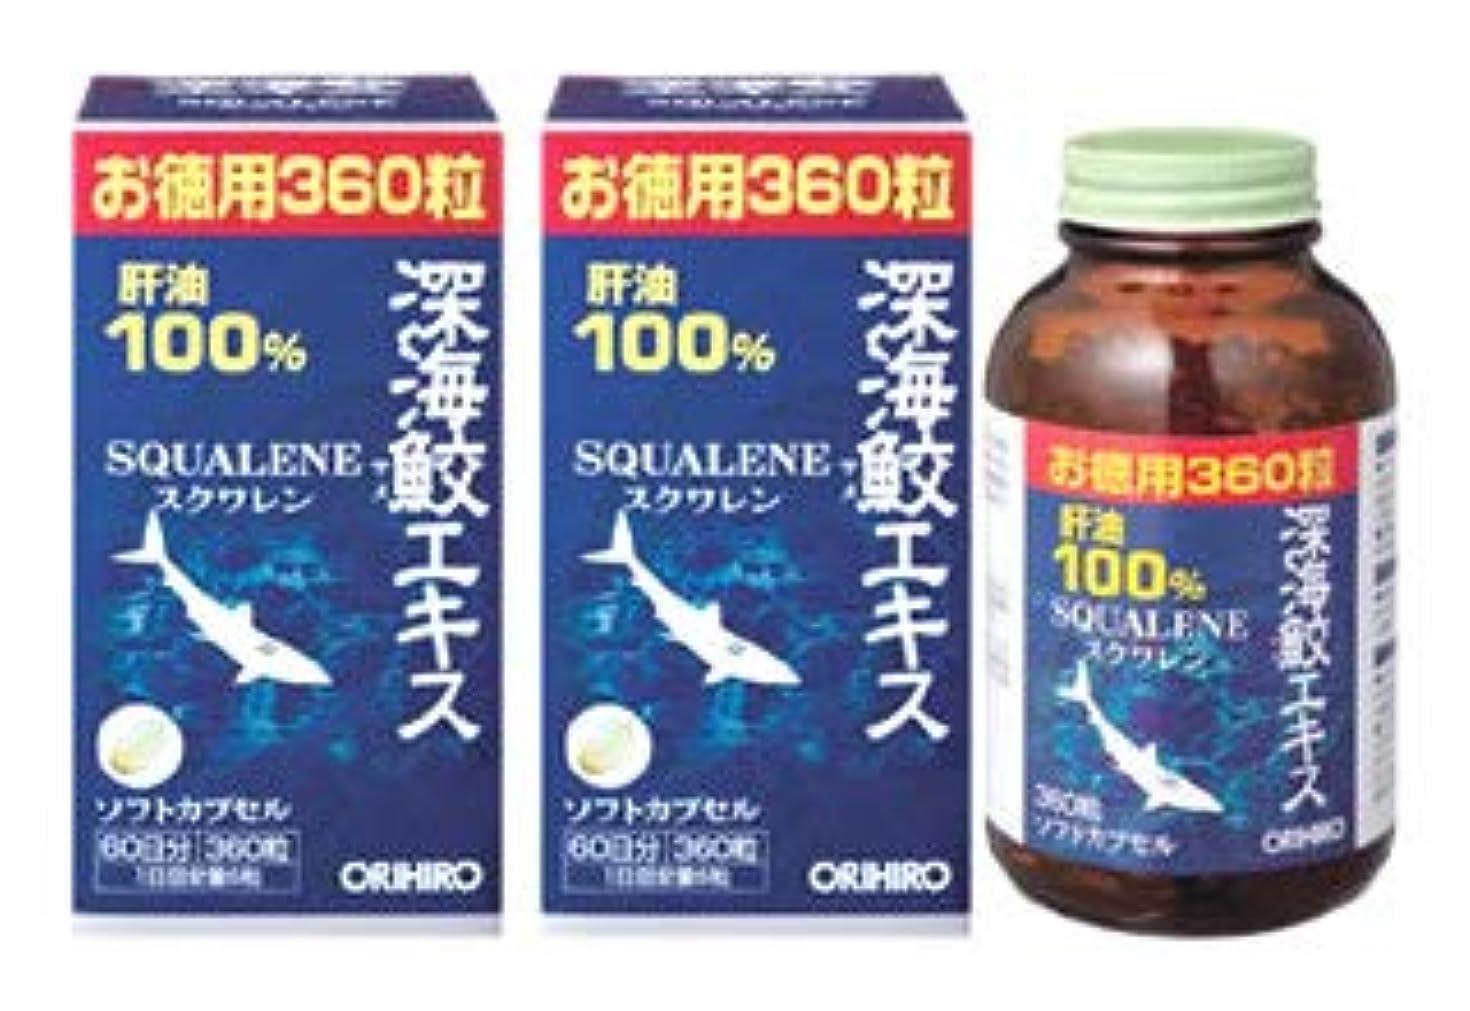 目を覚ます扇動トムオードリース《セット販売》 オリヒロ 深海鮫エキス 肝油100% ソフトカプセル お徳用(360粒)×2個セット